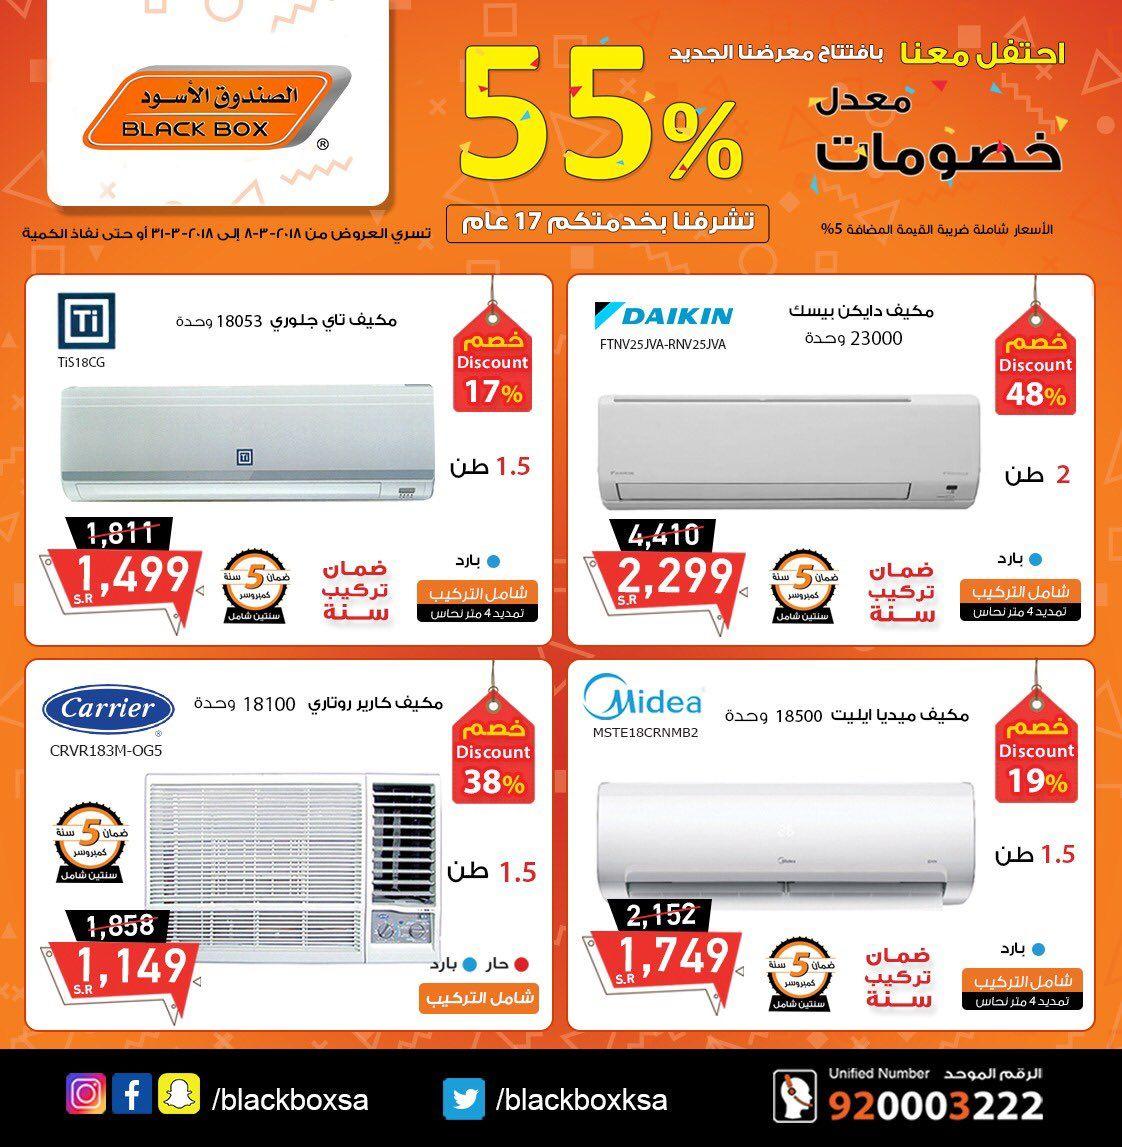 خصومات 55 في الصندوق الأسود على المكيفات من 8 3 2018 إلى 31 3 2018 Https Www 3orod Today Saudi Arabia Offers Blackbox Offers D8 Ae D8 B Black Box Box Joy